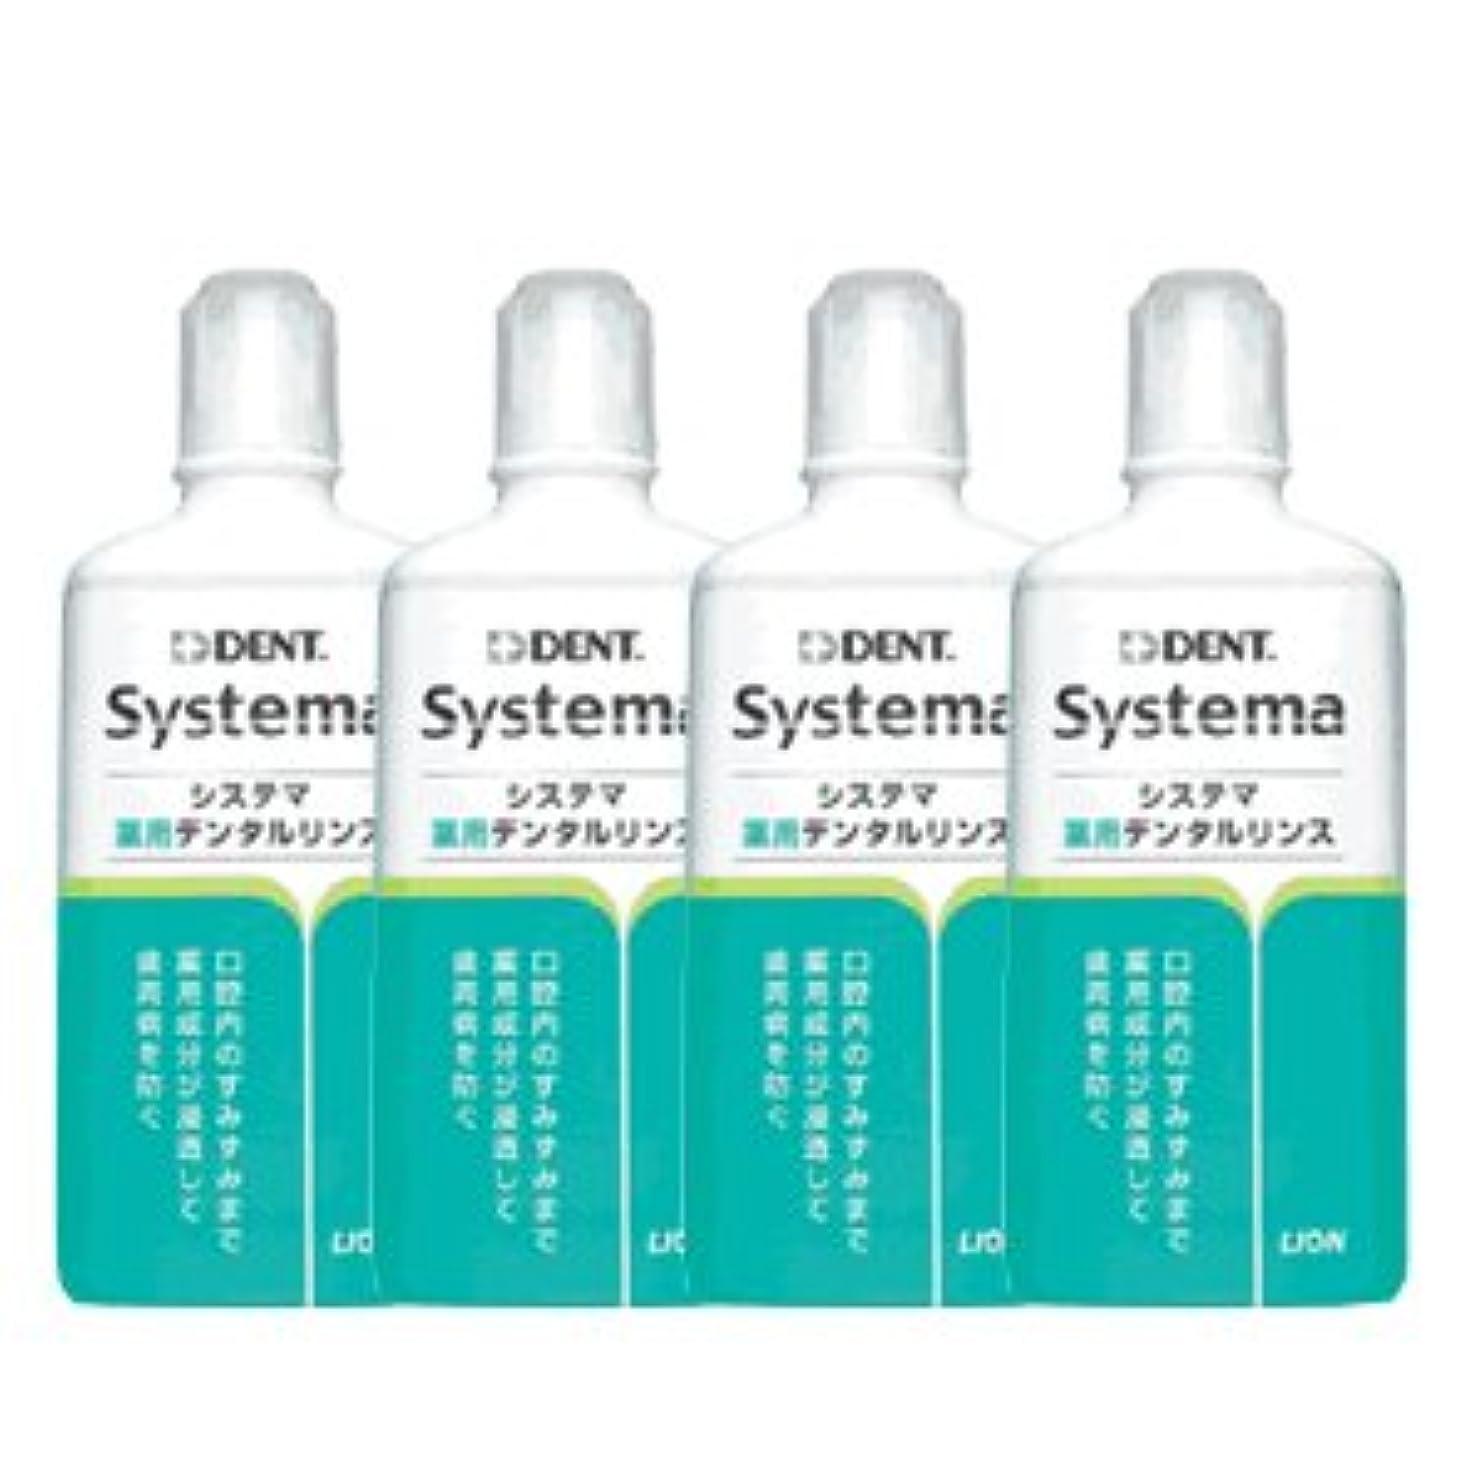 潜在的な装置持続的ライオン システマ 薬用 デンタルリンス 450ml レギュラータイプ 4本セット 医薬部外品